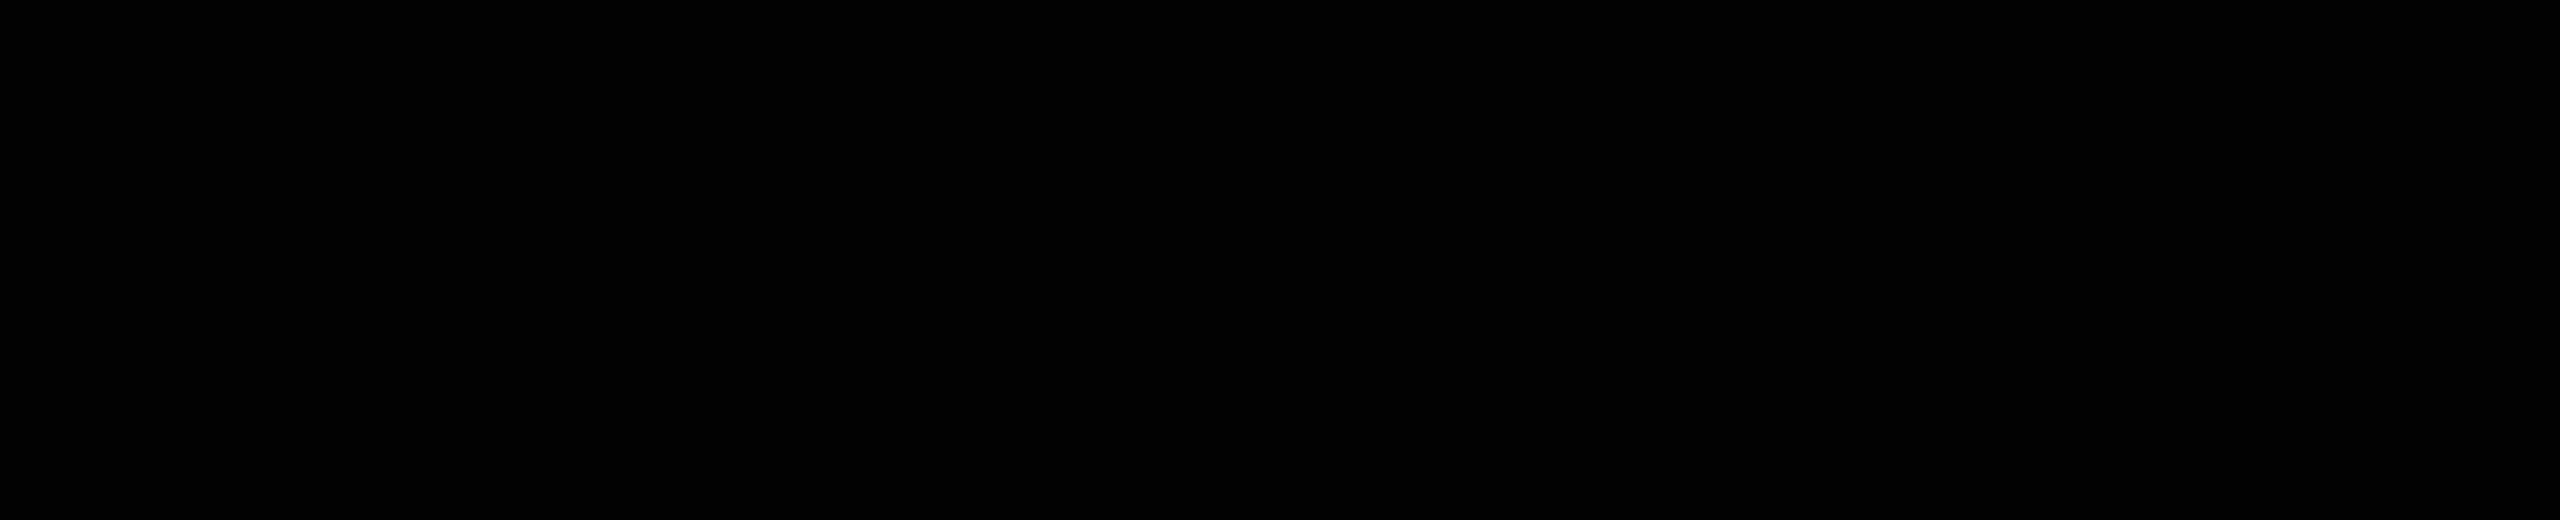 Ikea Spöka Night Lamp YouTube